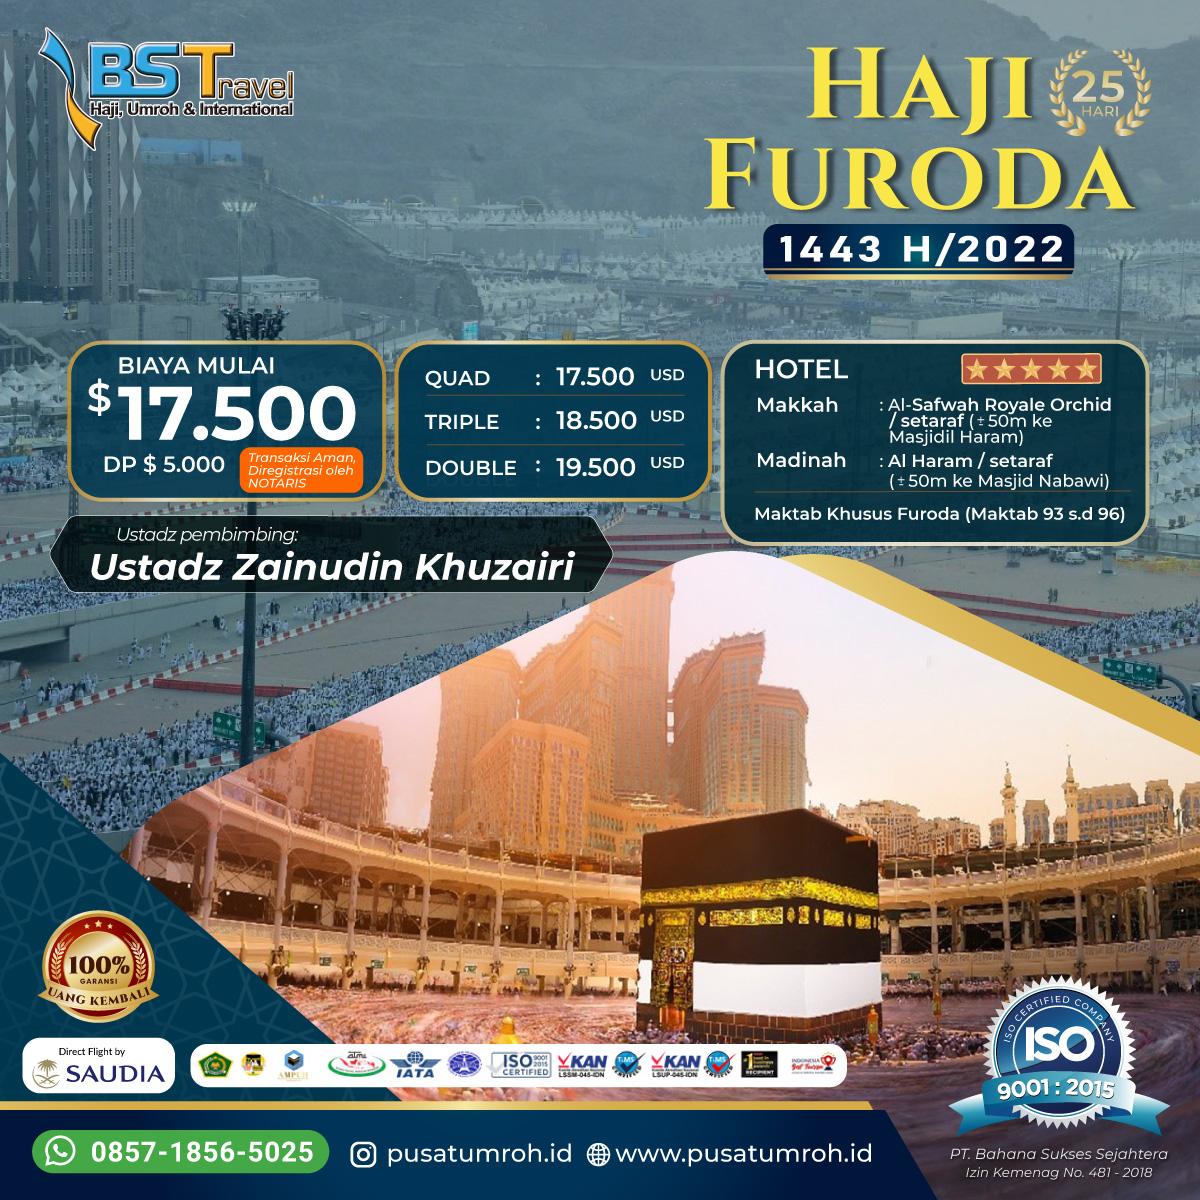 Biaya Haji Furoda 2022 Dalam Rupiah Fasilitas  Bintang 5